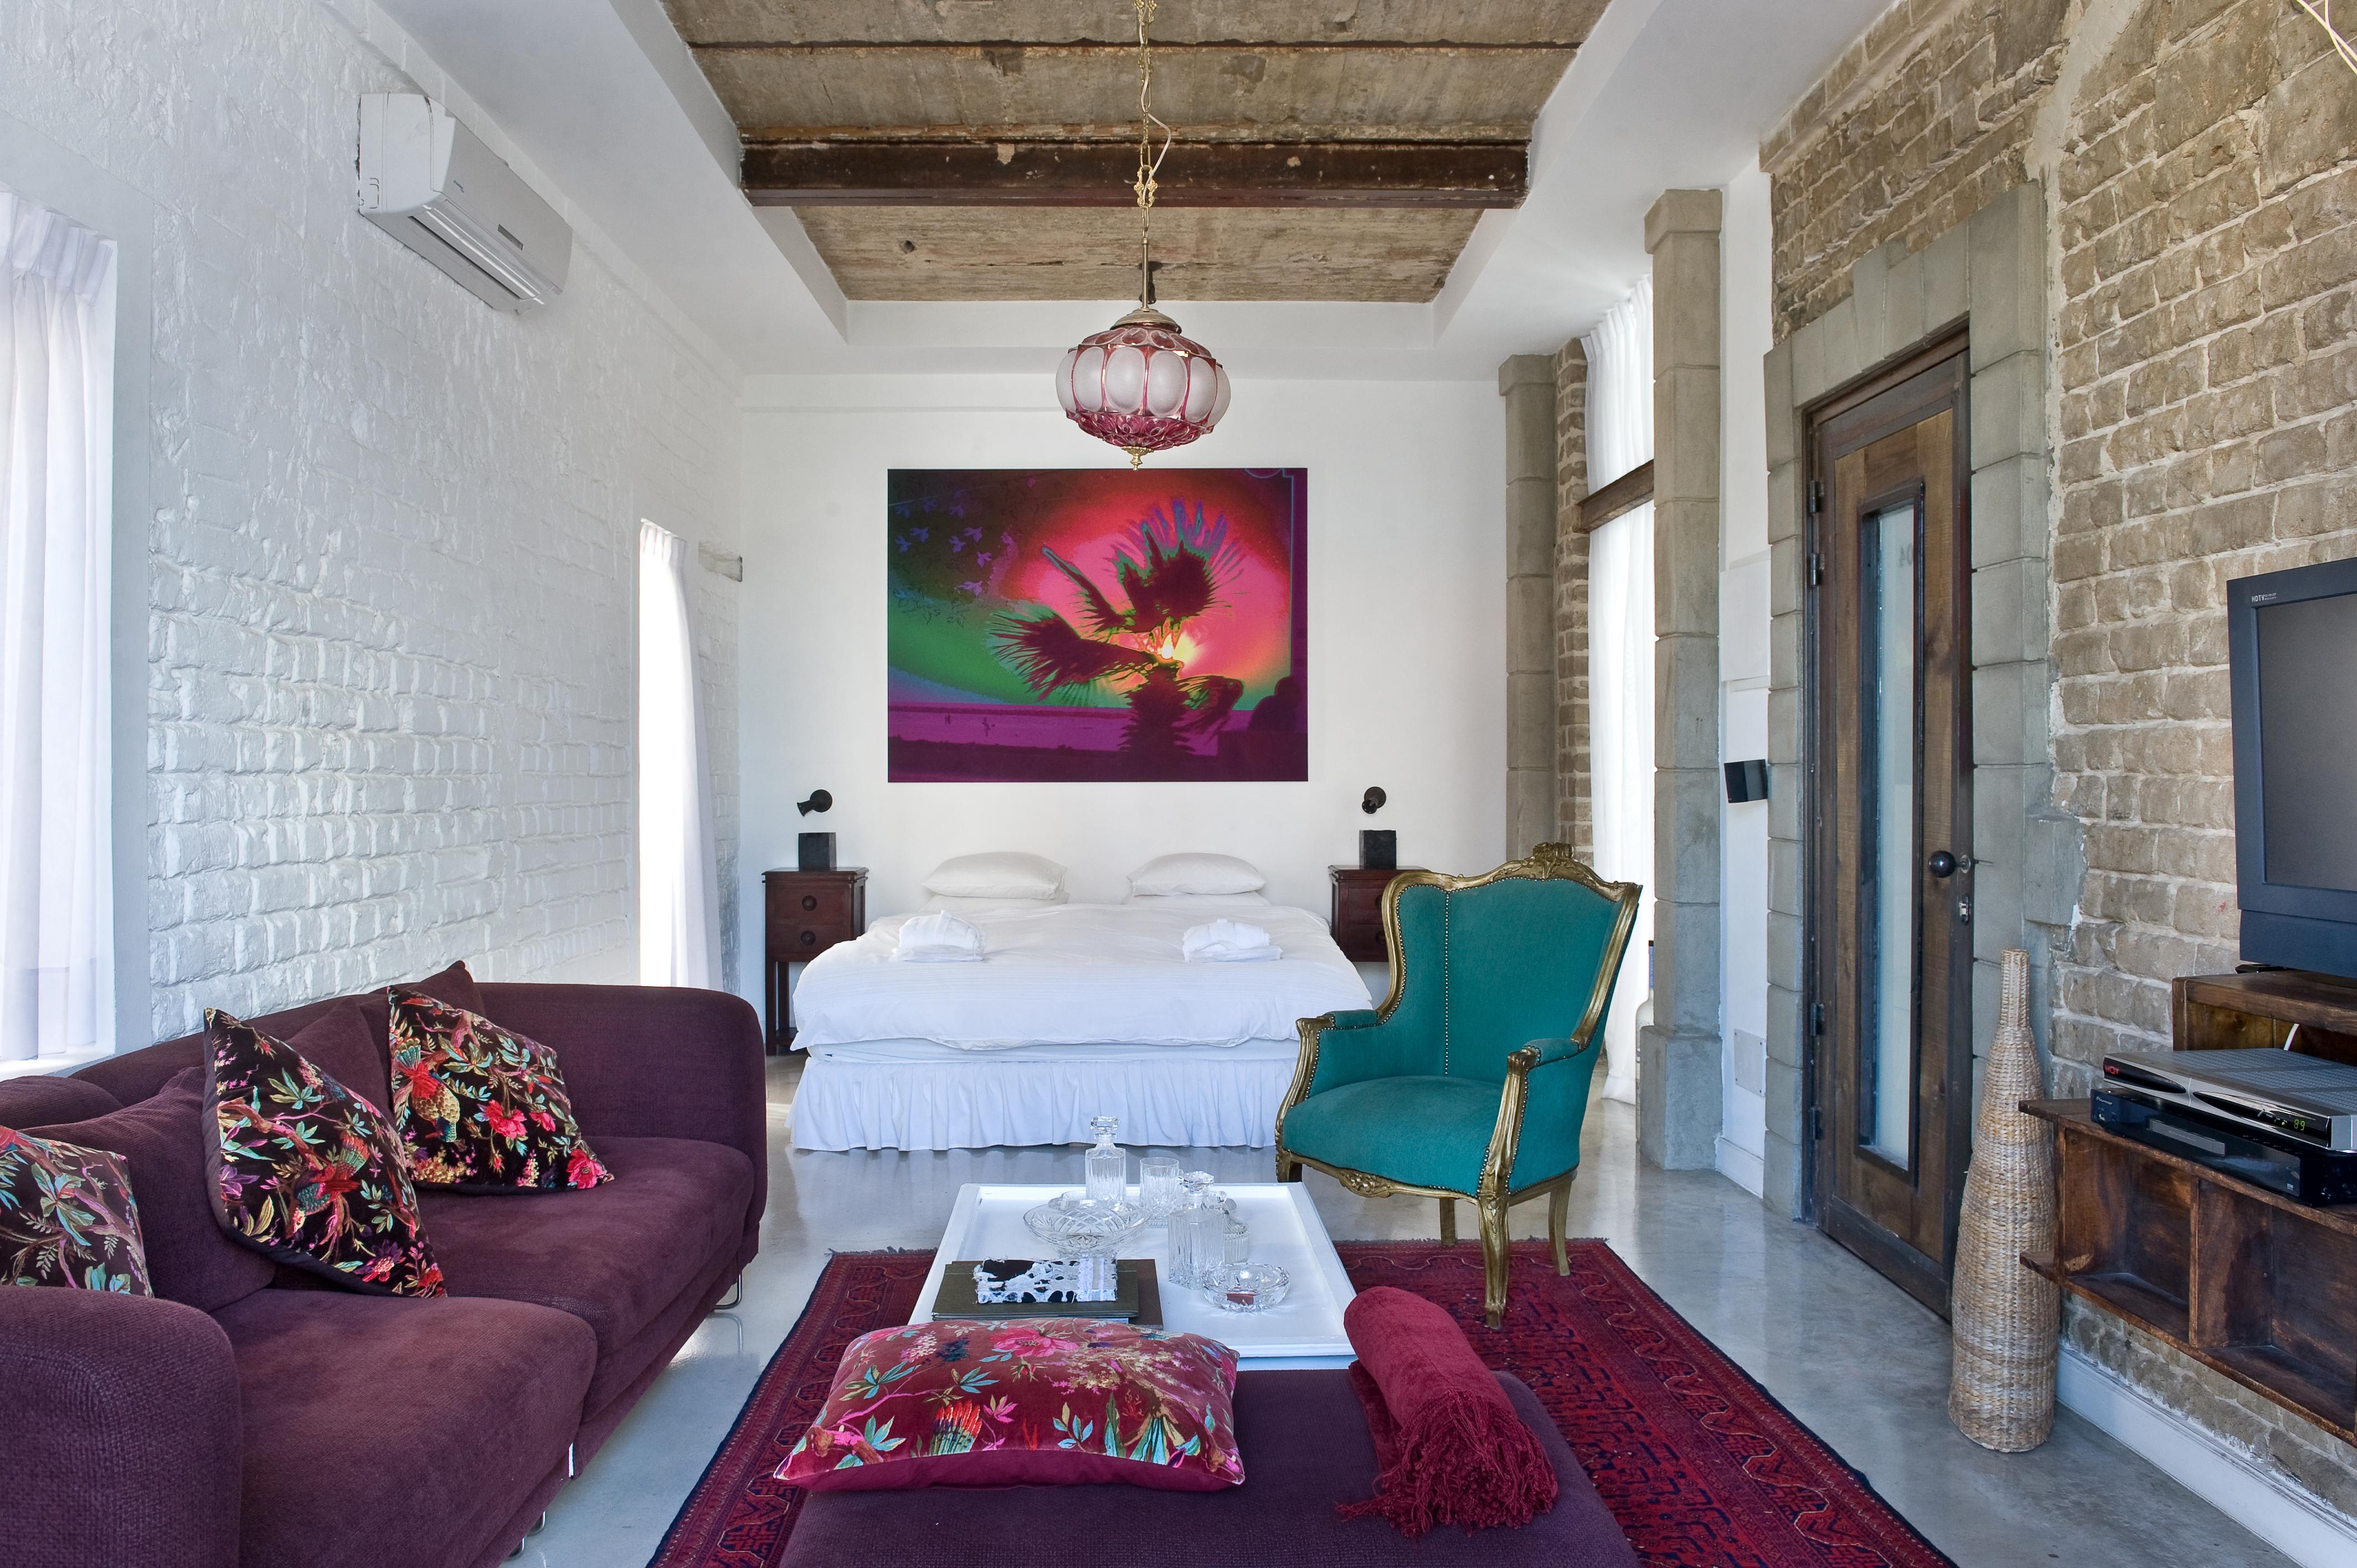 עיצוב פריטי אווירה והחייאת רהיטים